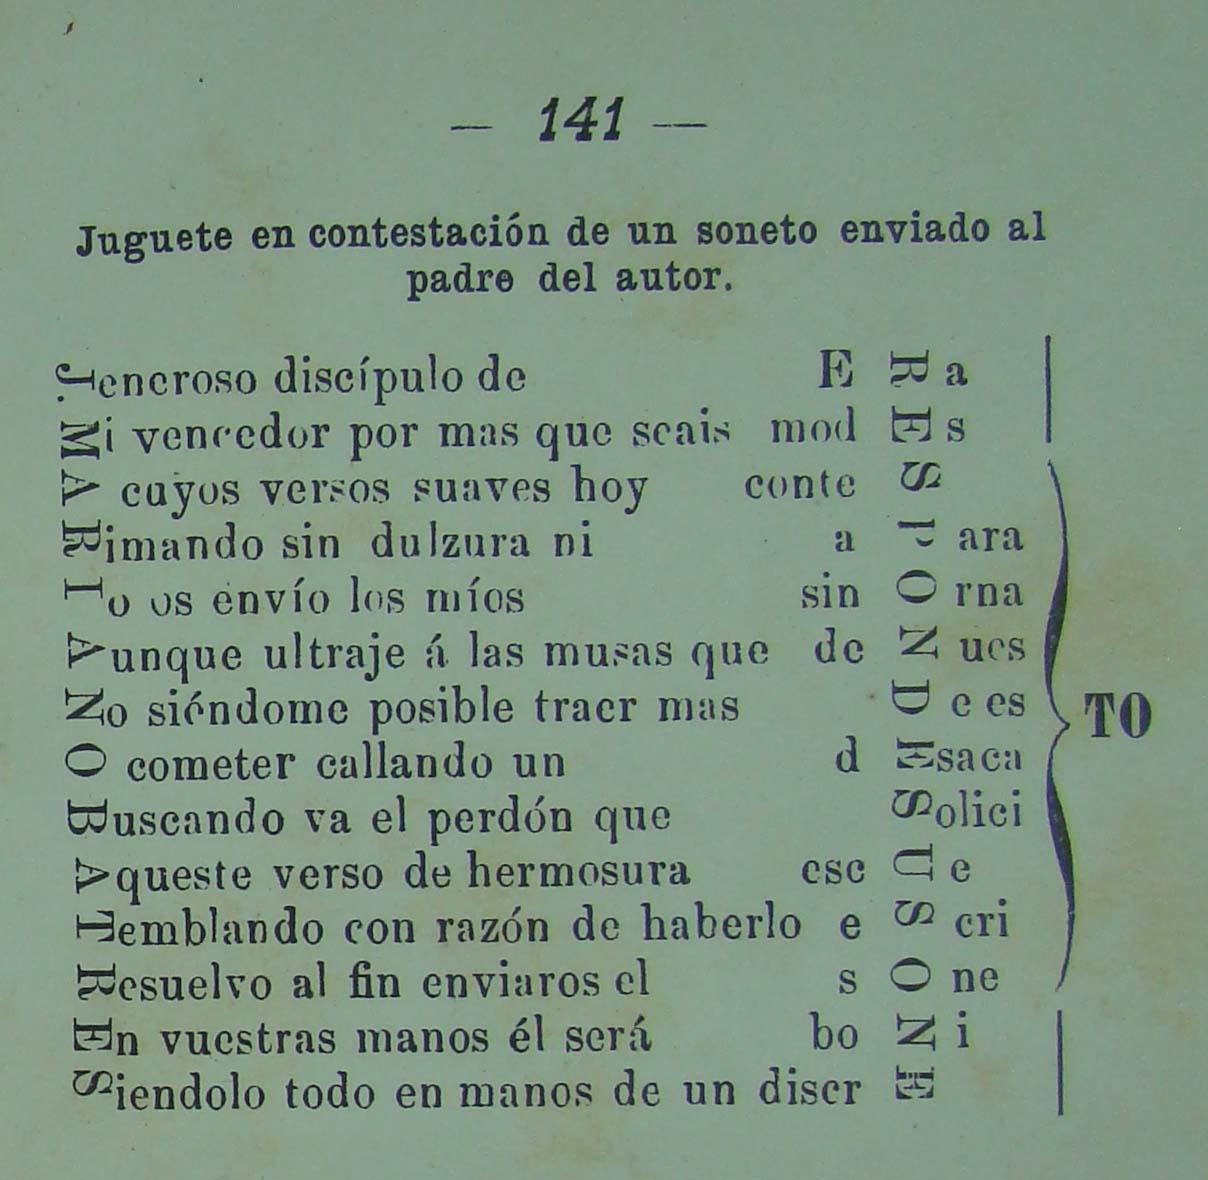 la poesia latinoamericana en el siglo xx: